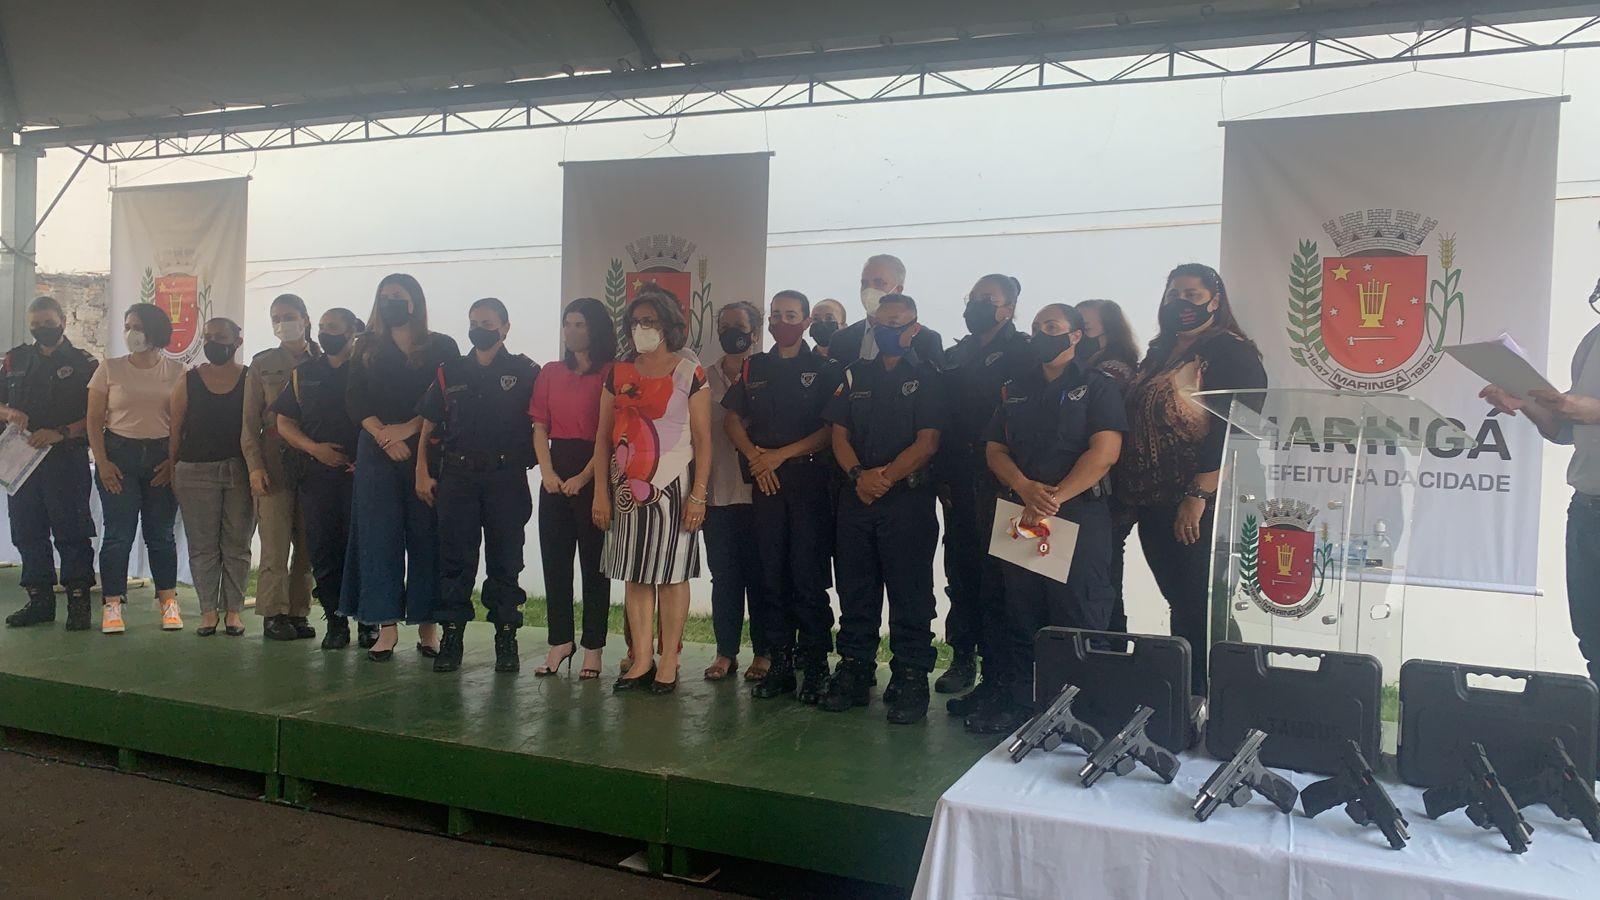 Foto: Letícia Tristão/CBN Maringá